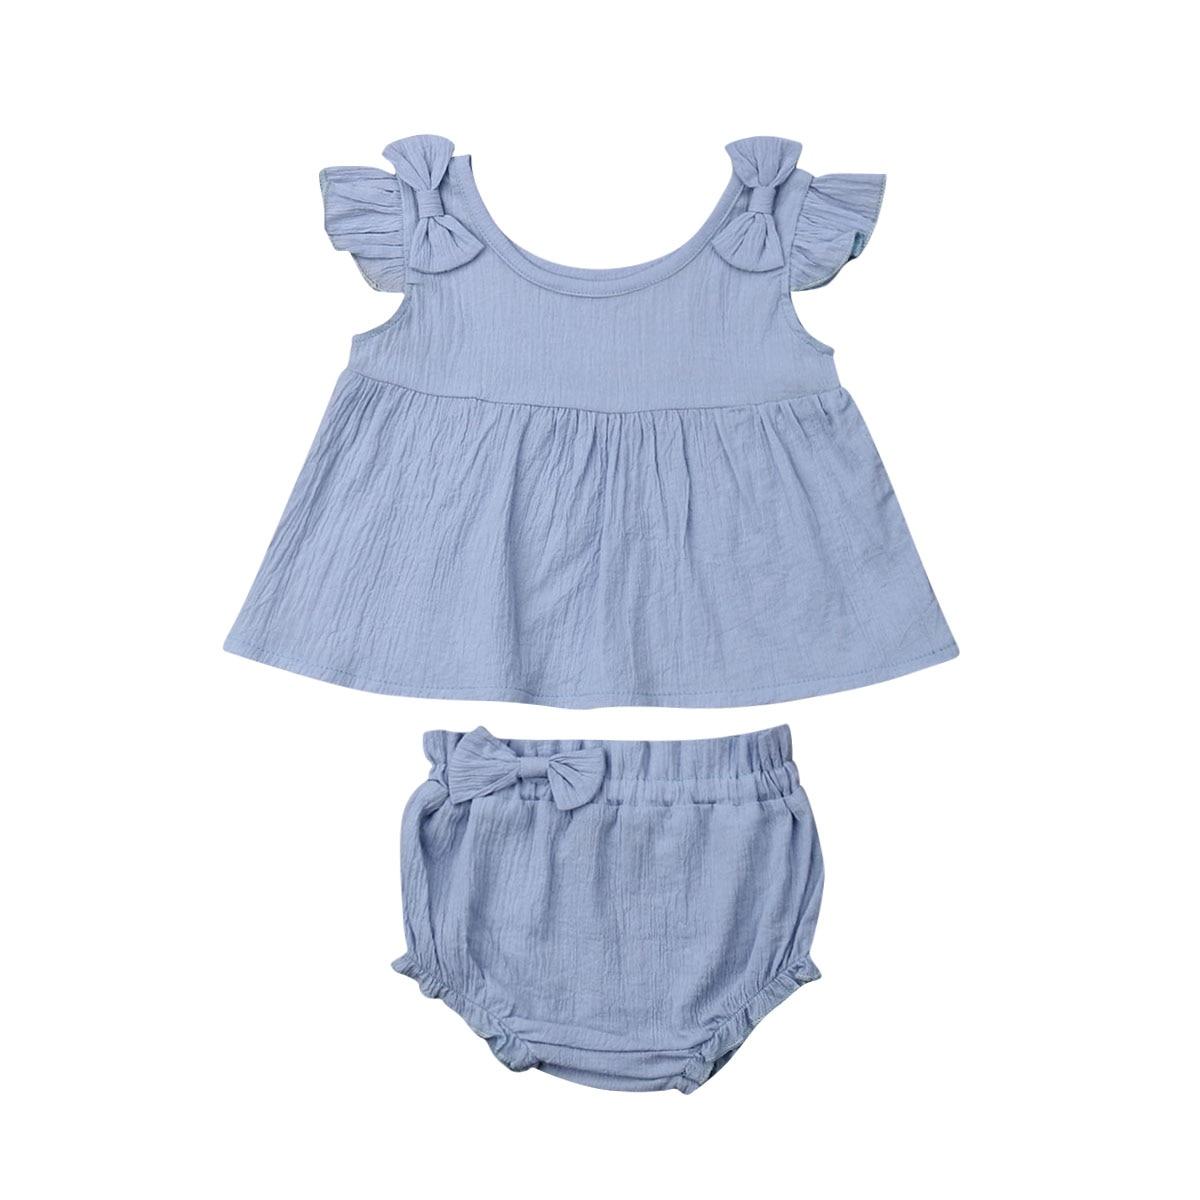 0-18 M Infant Neugeborenen Baby Mädchen Sommer Solide Outfit Bowknot Kurzen Ärmeln Tops + Shorts 2 Pcs Kleidung Set Kinder Mädchen Nette Kleidung